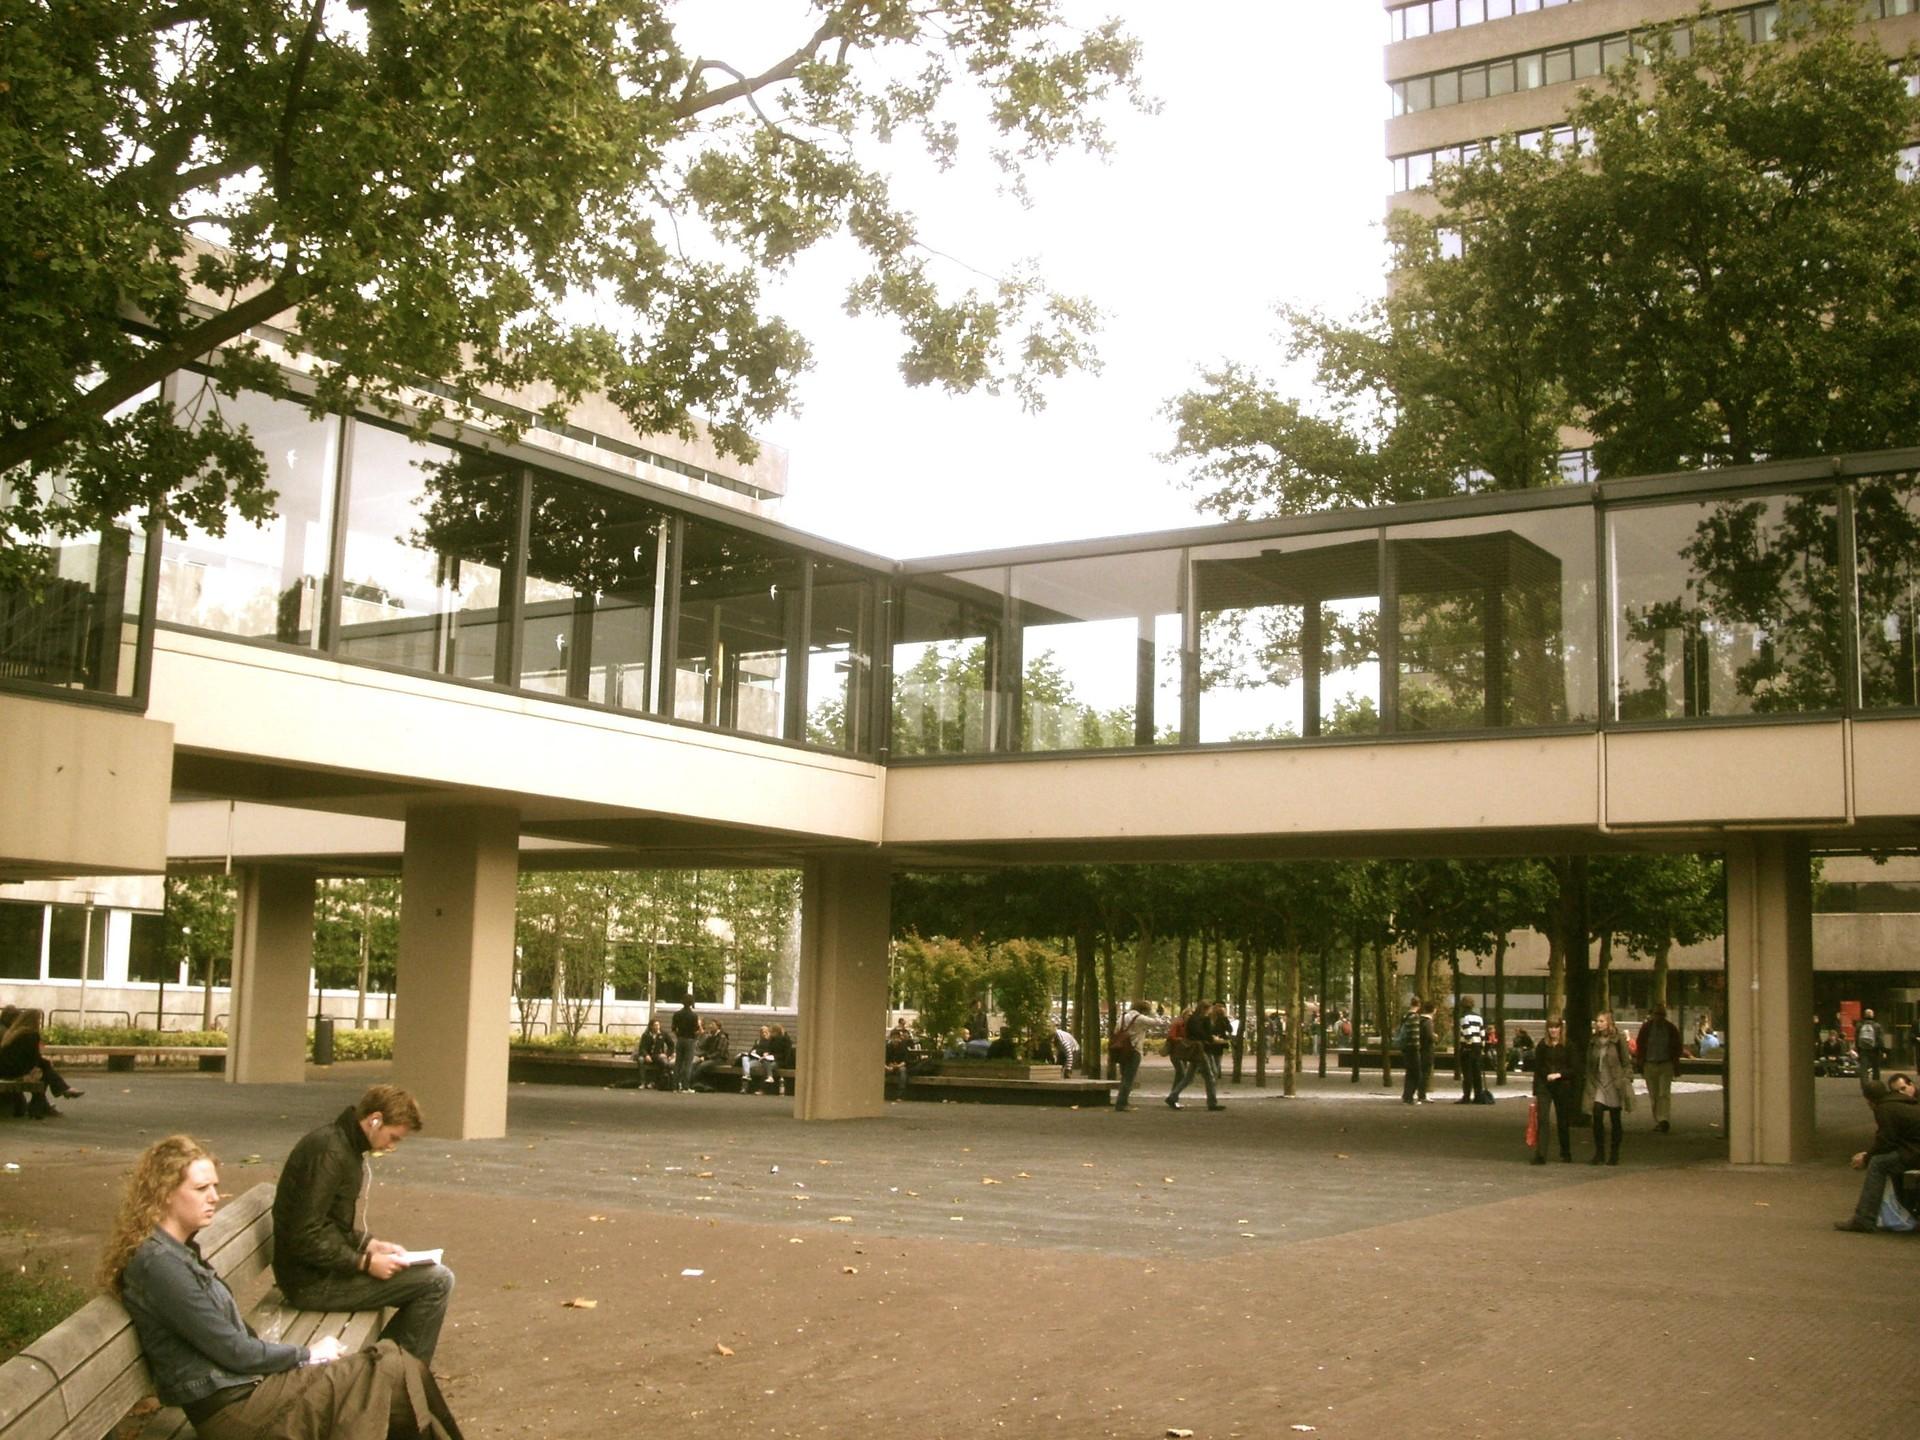 Doświadczenia na Uniwersytecie im. Radbouda w Nijmegen